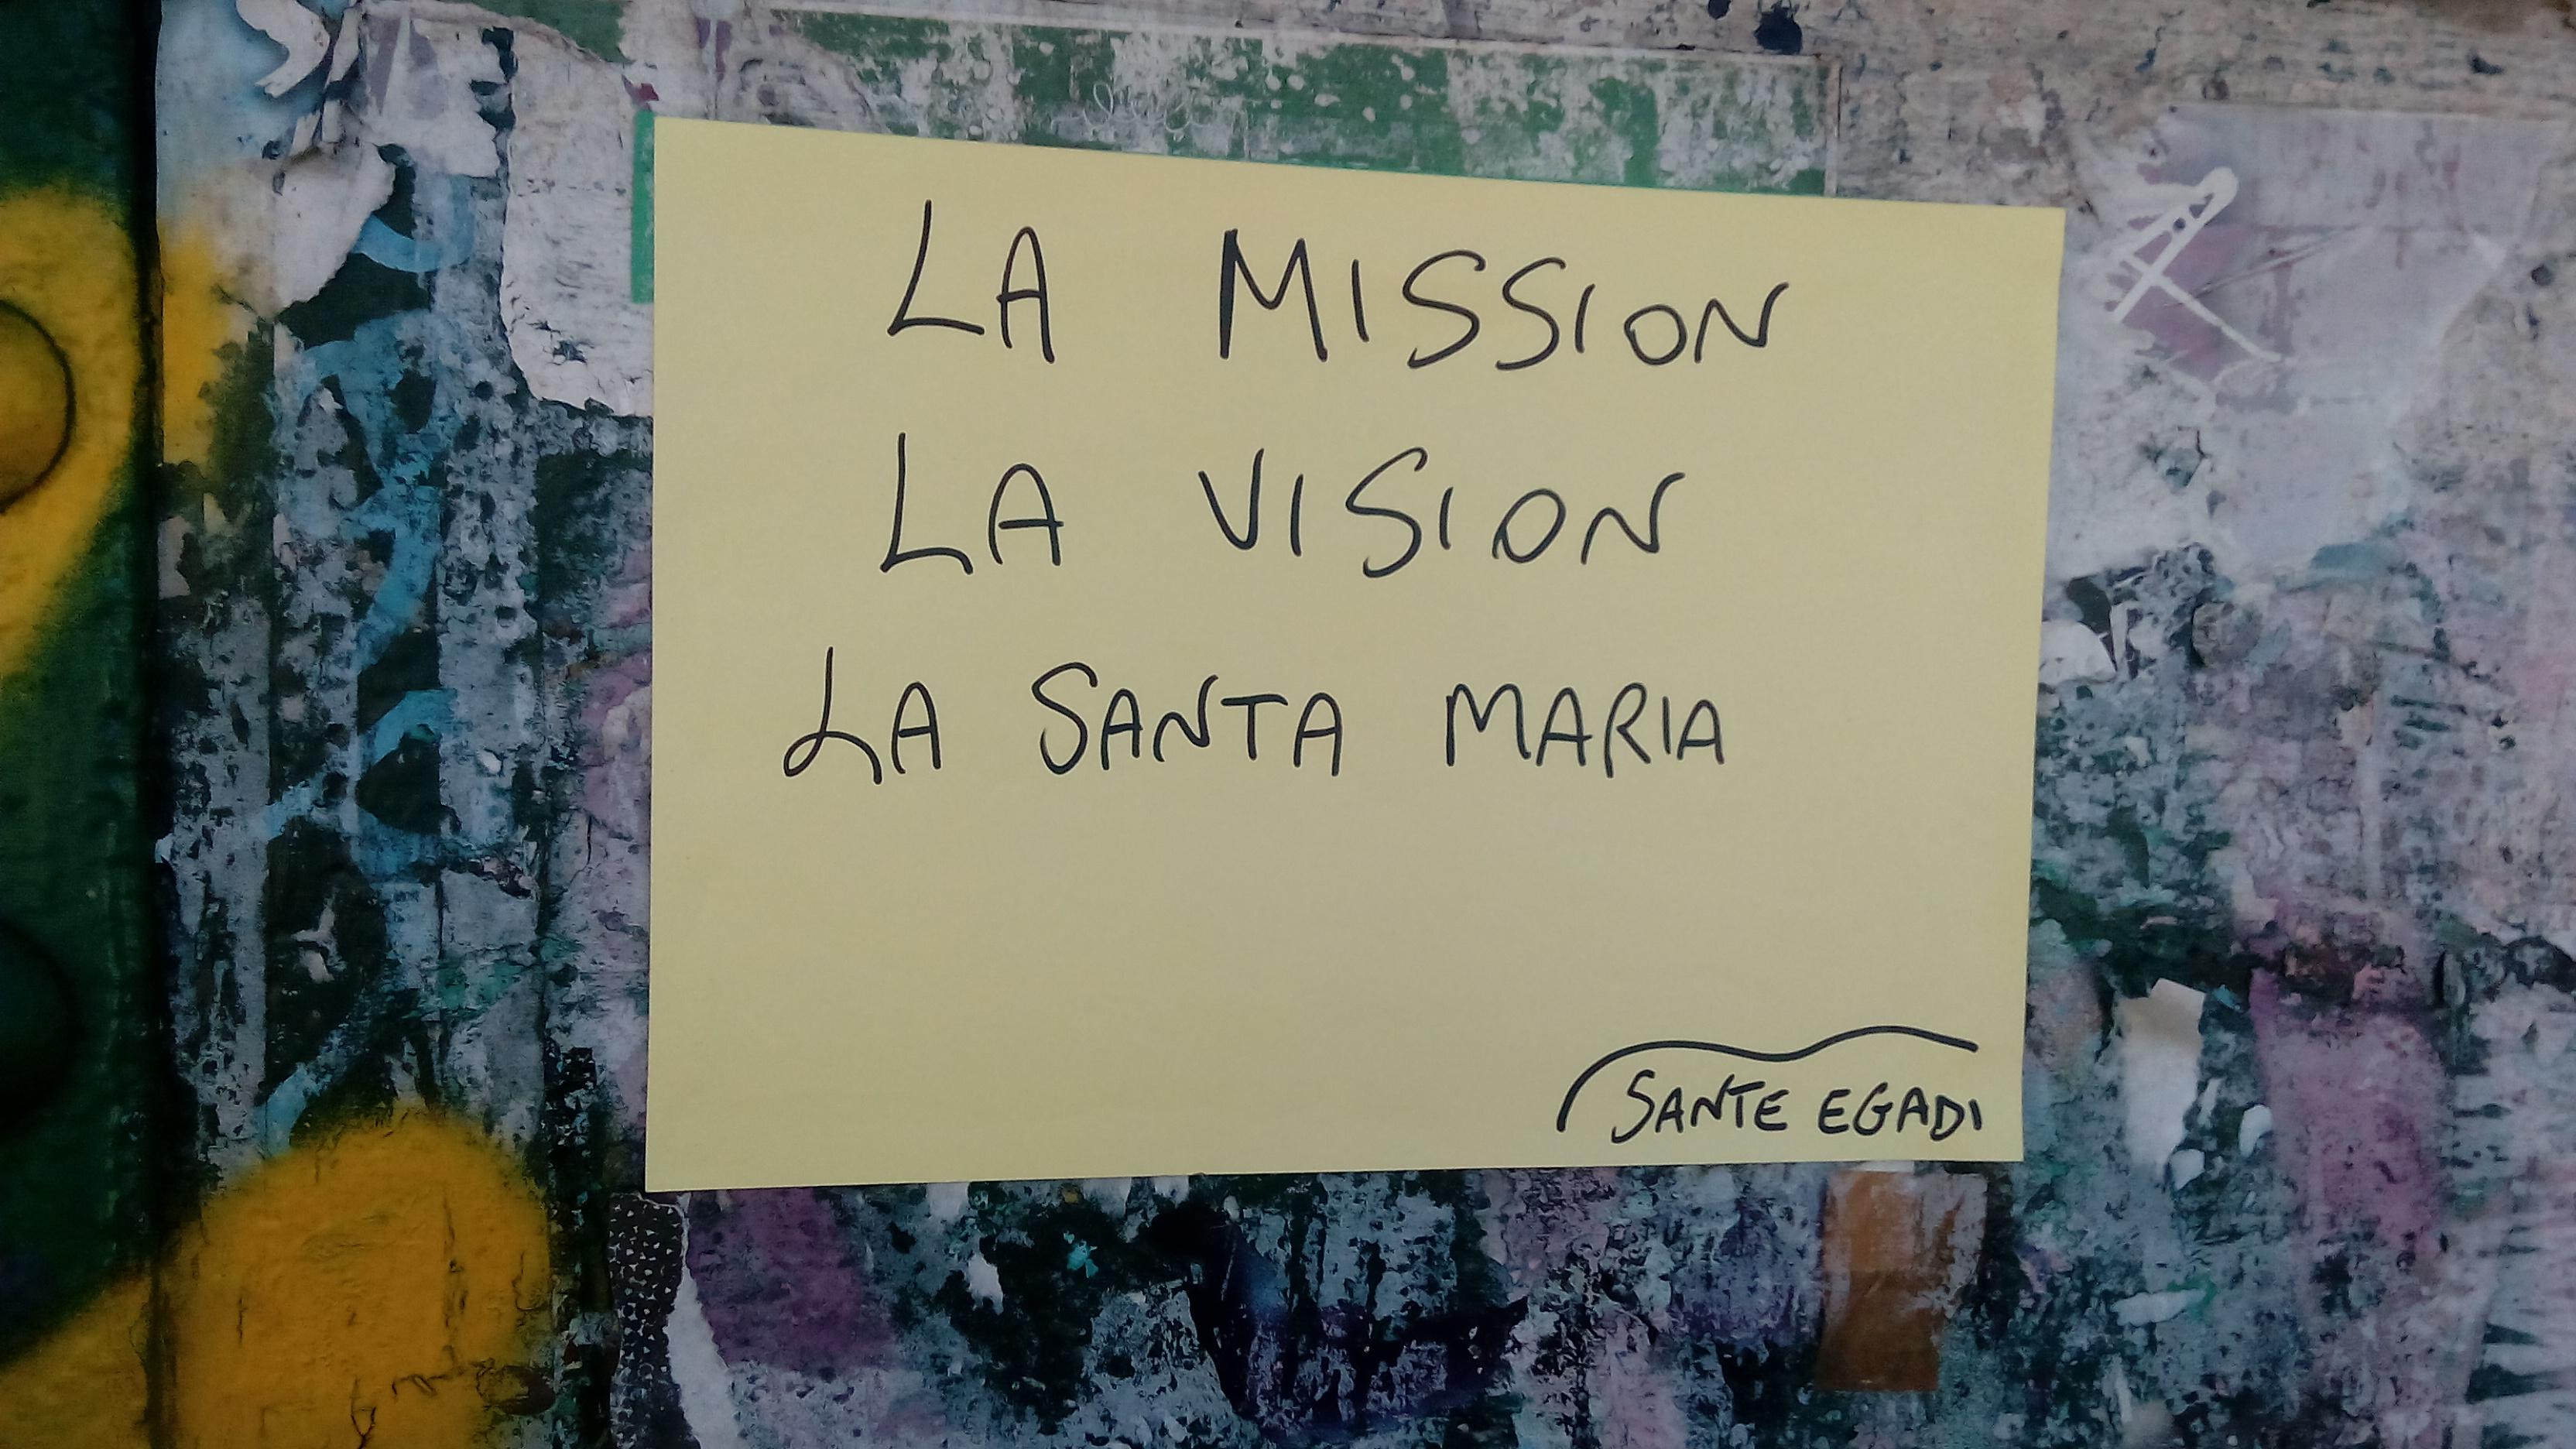 mission vision santa maria